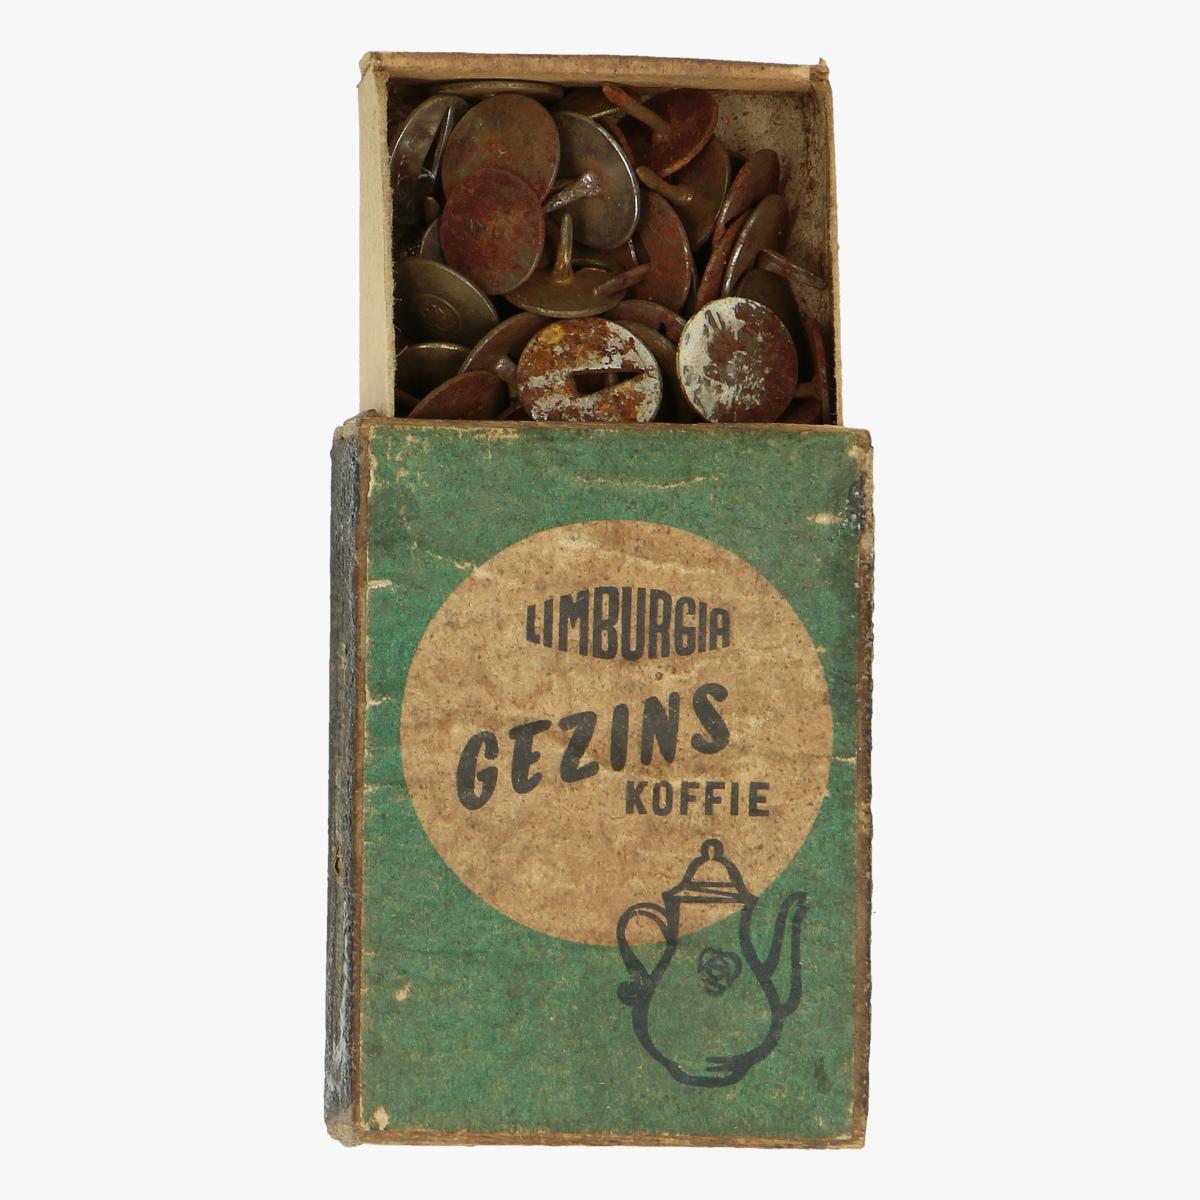 Afbeeldingen van oude doosje limburgia gezins koffie punaises